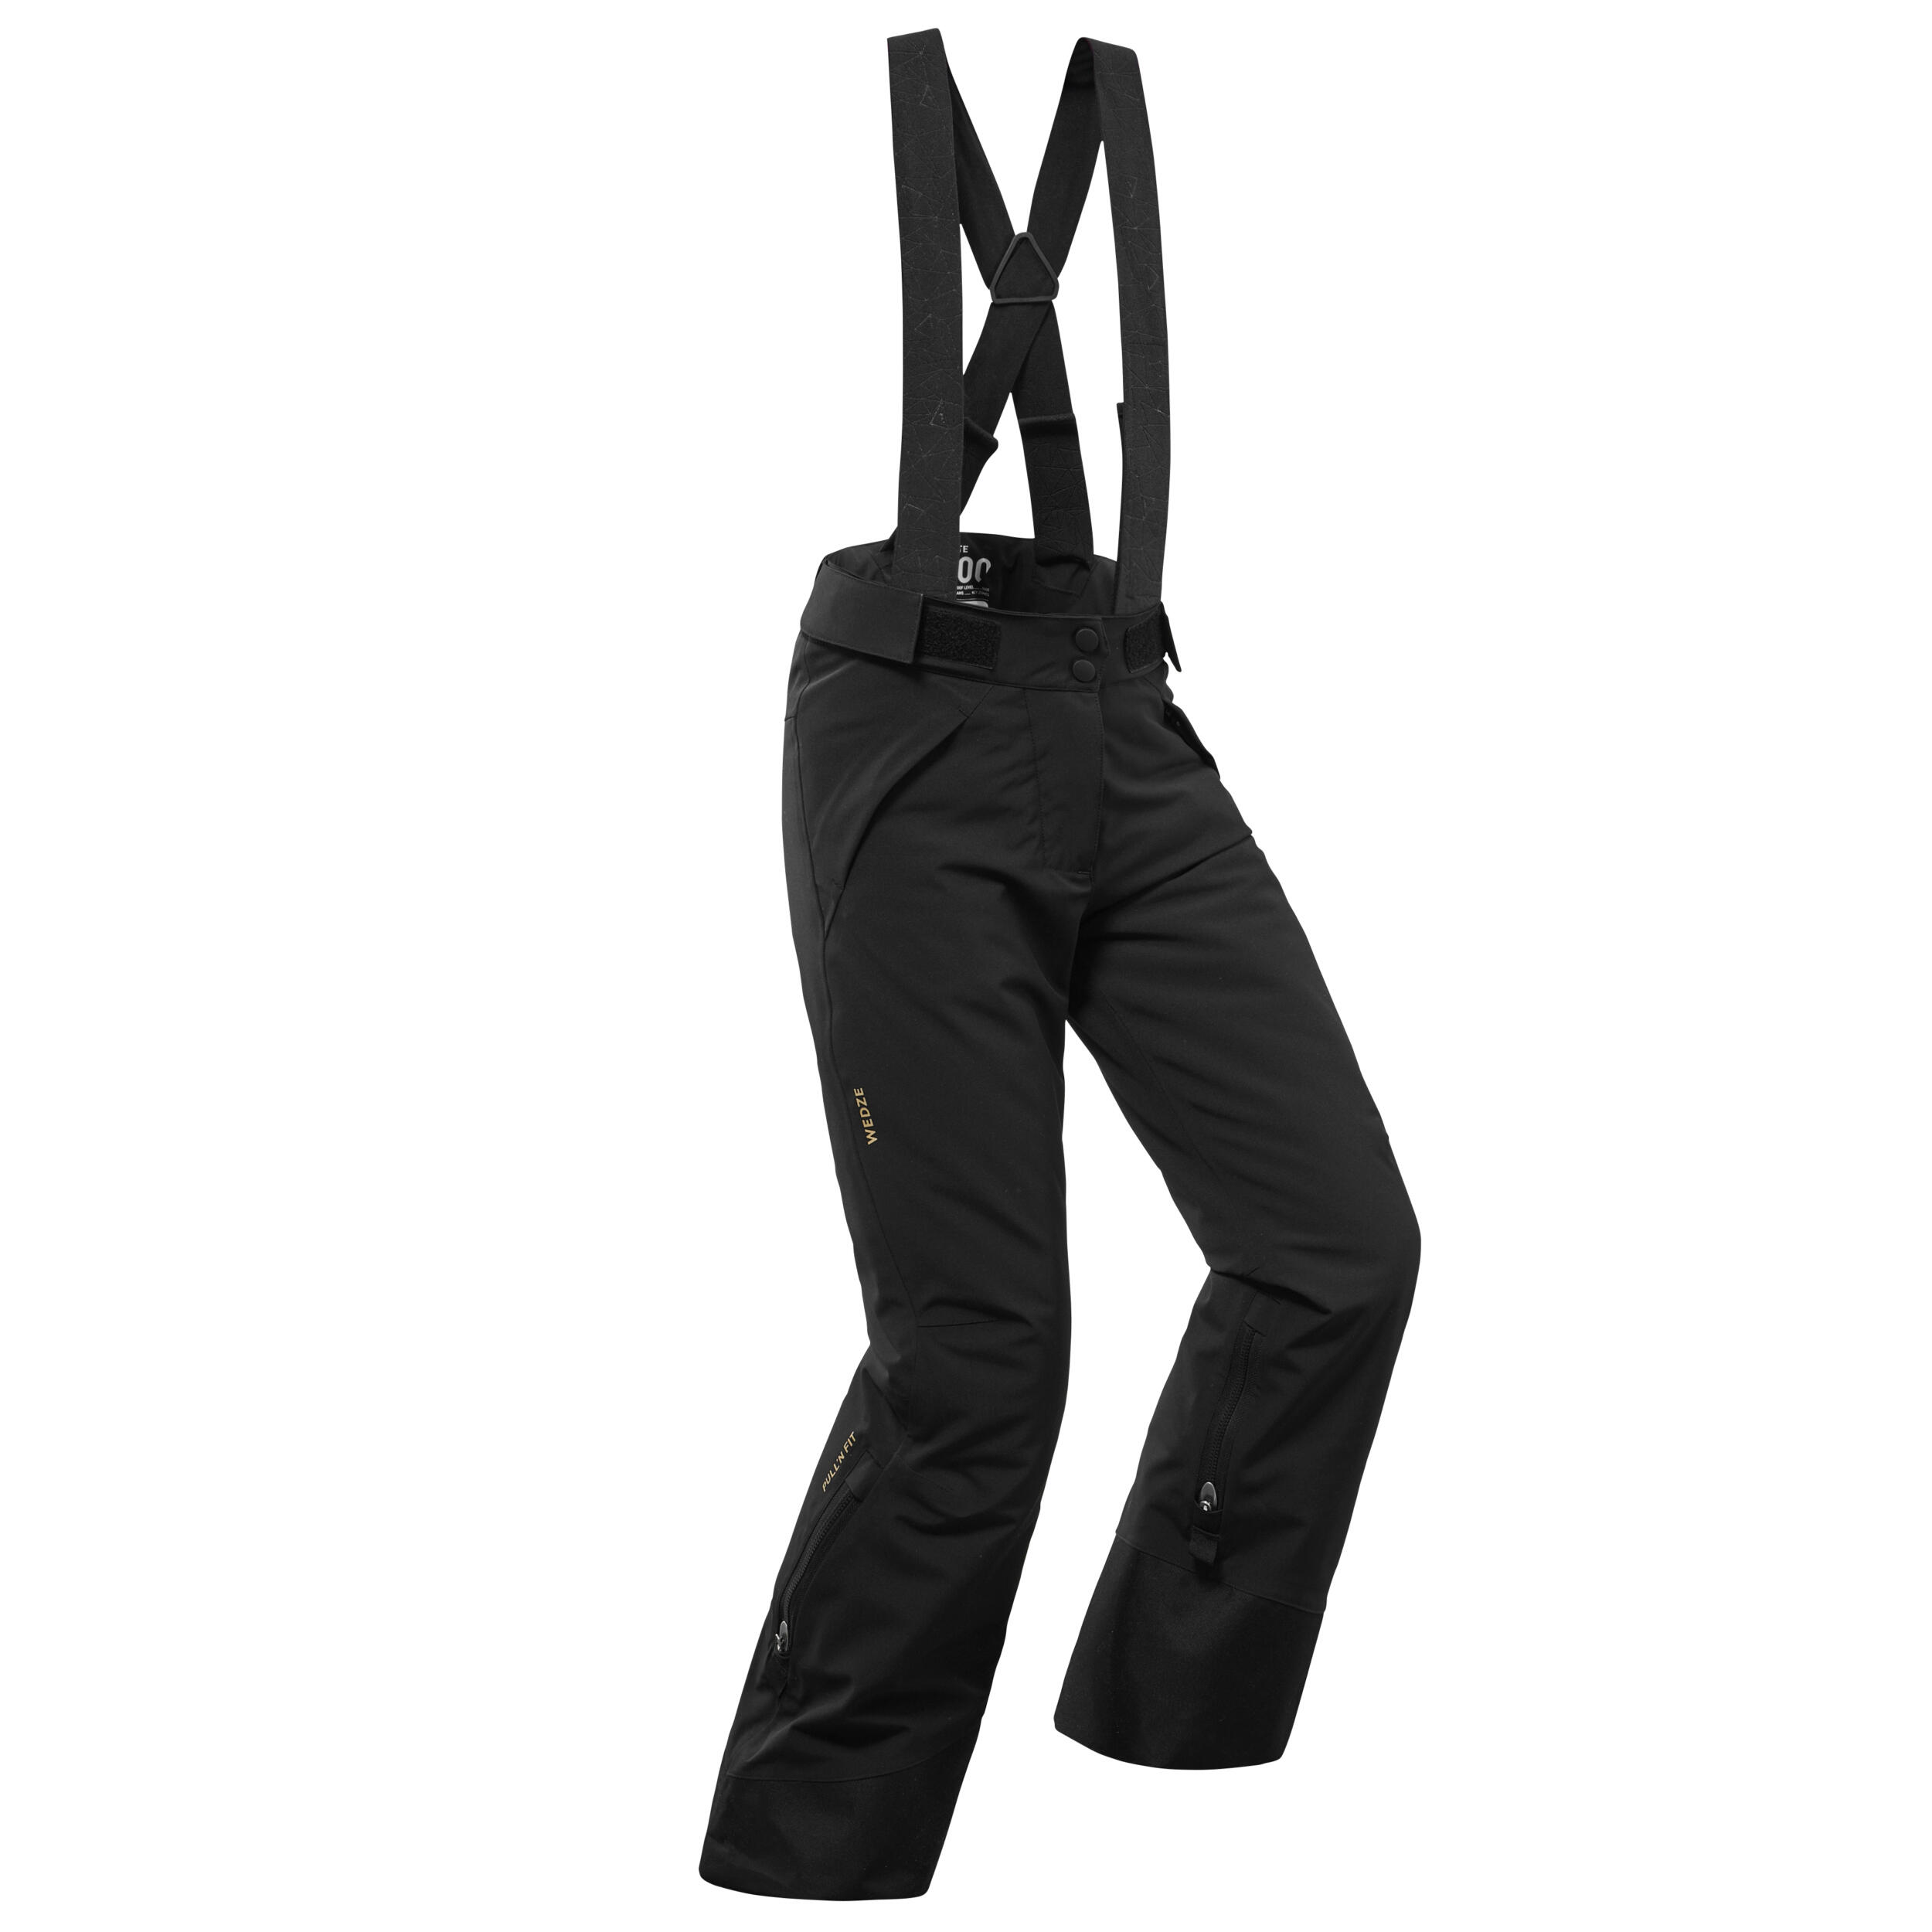 Pantalon schi PNF 900